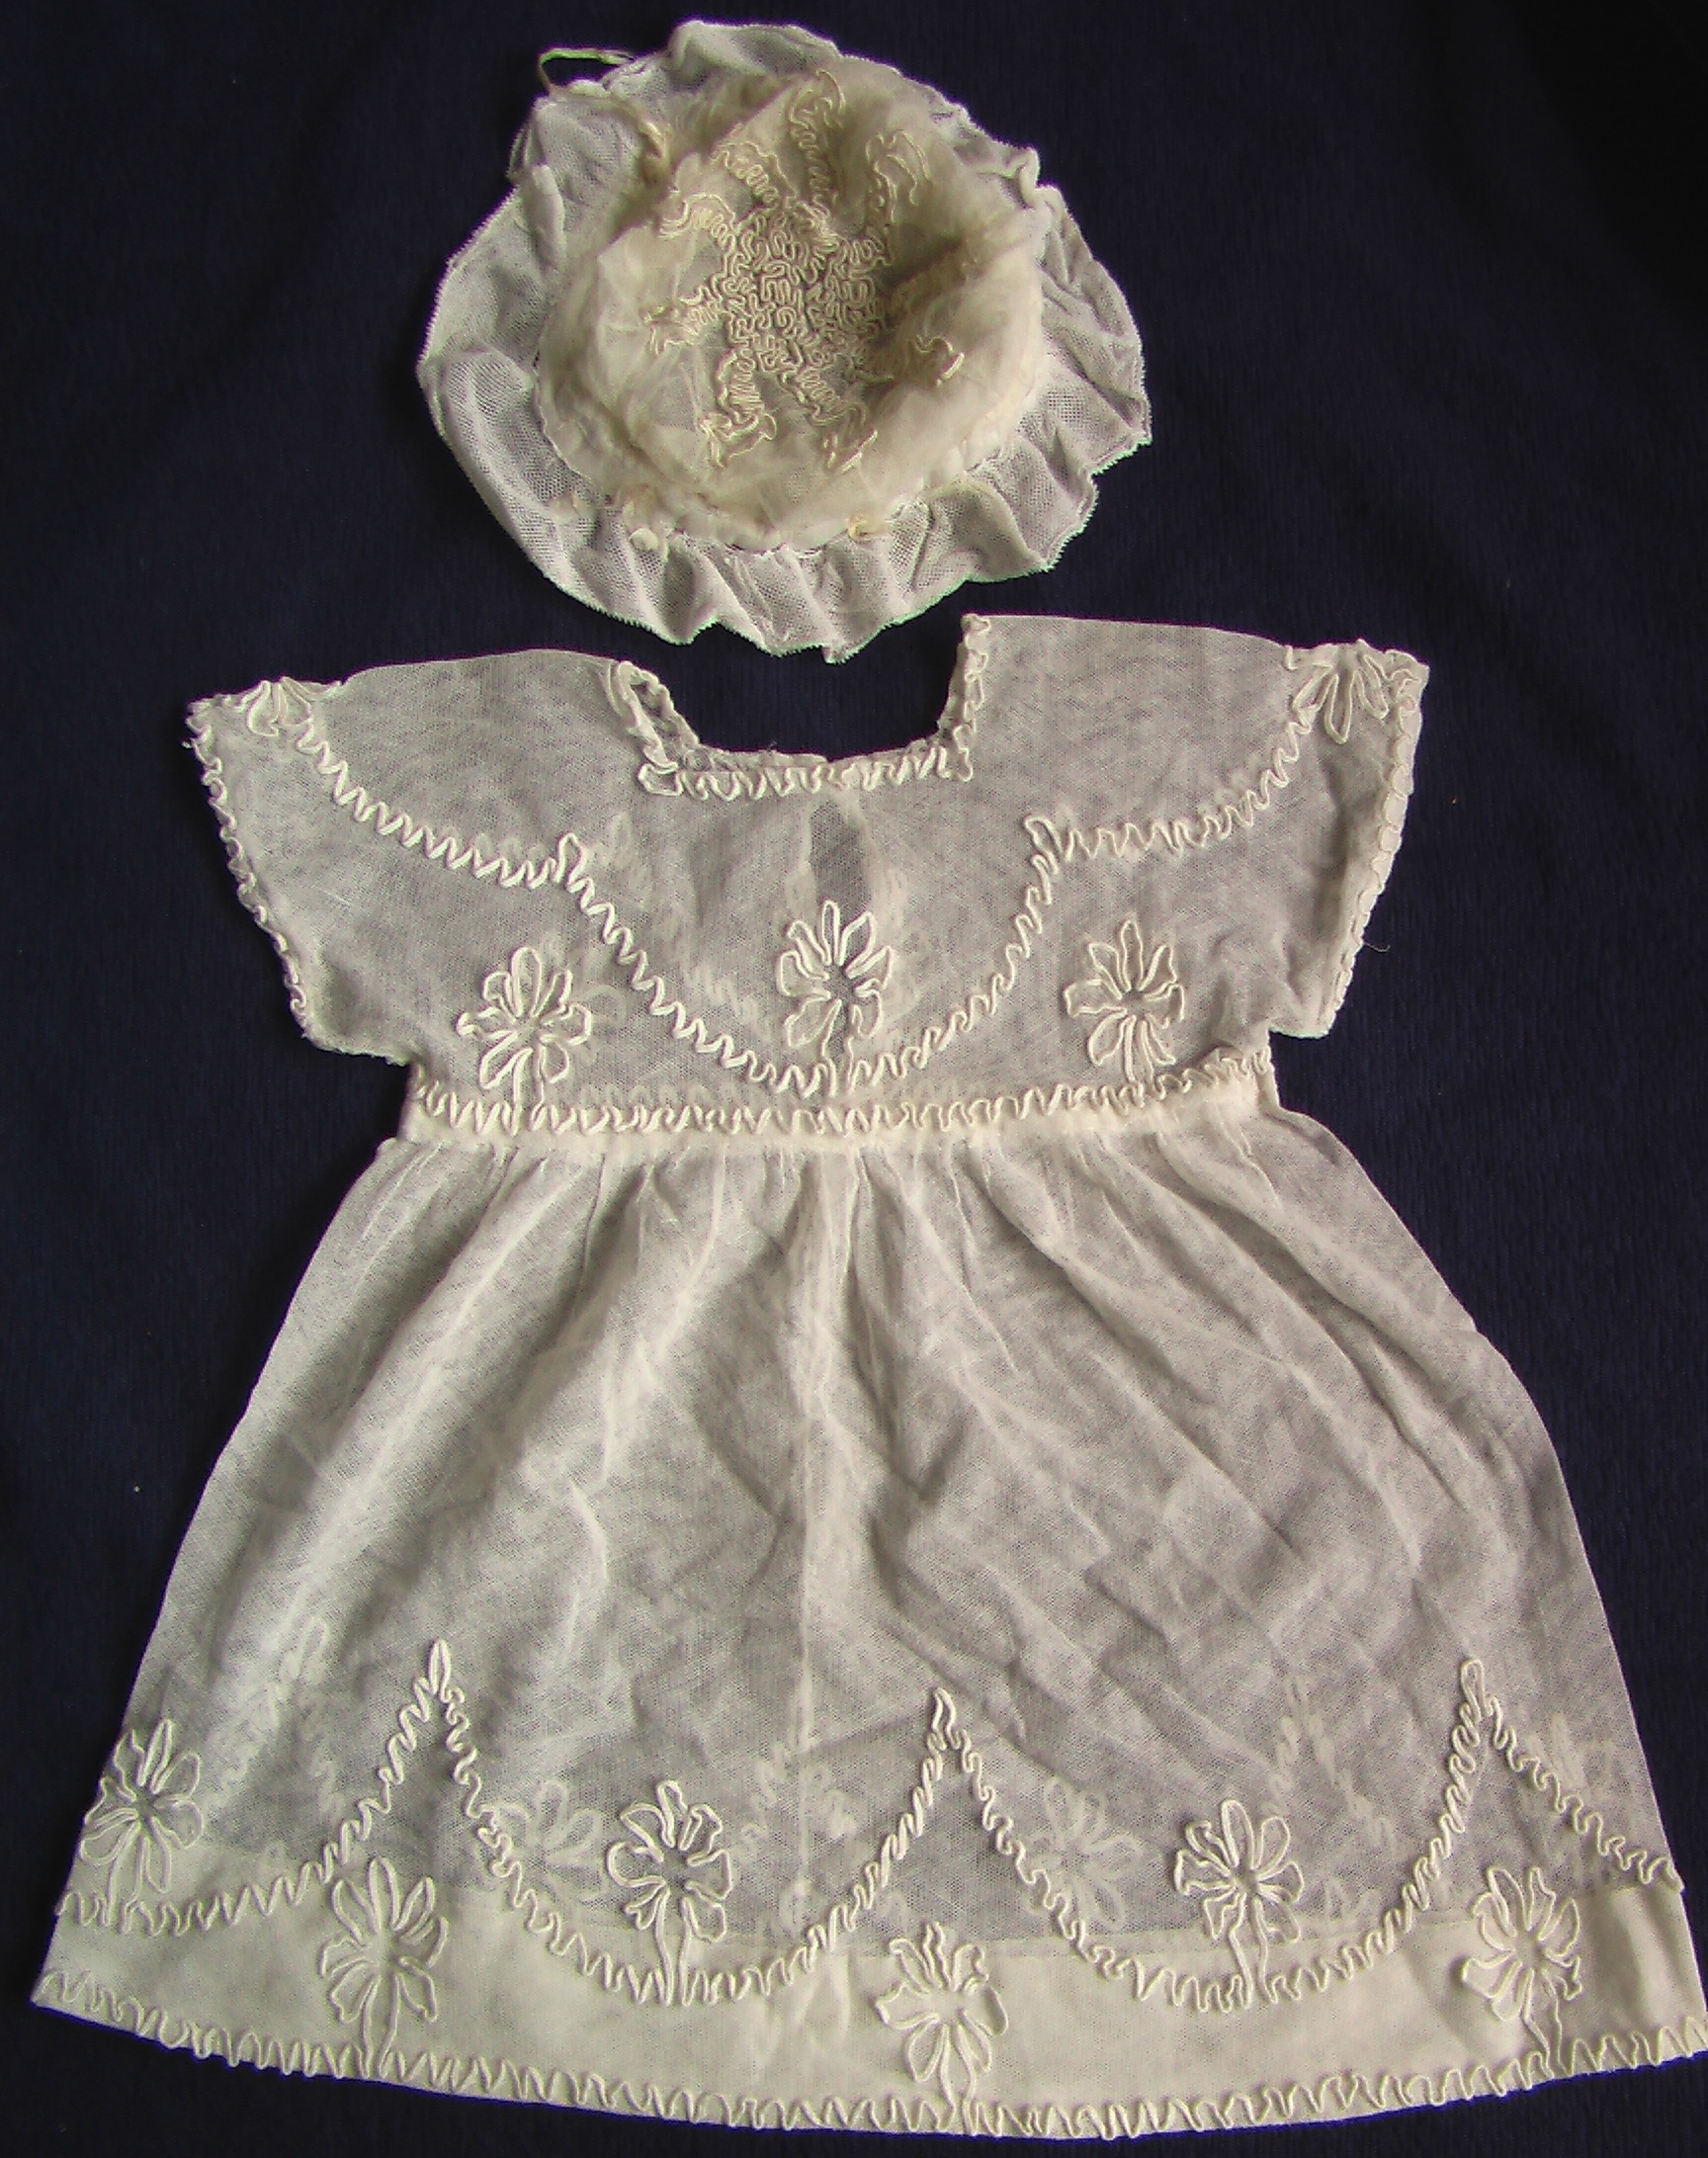 ДЕТСКОЕ кукольное платье ШЛЯПКА чепец кружева 19 в